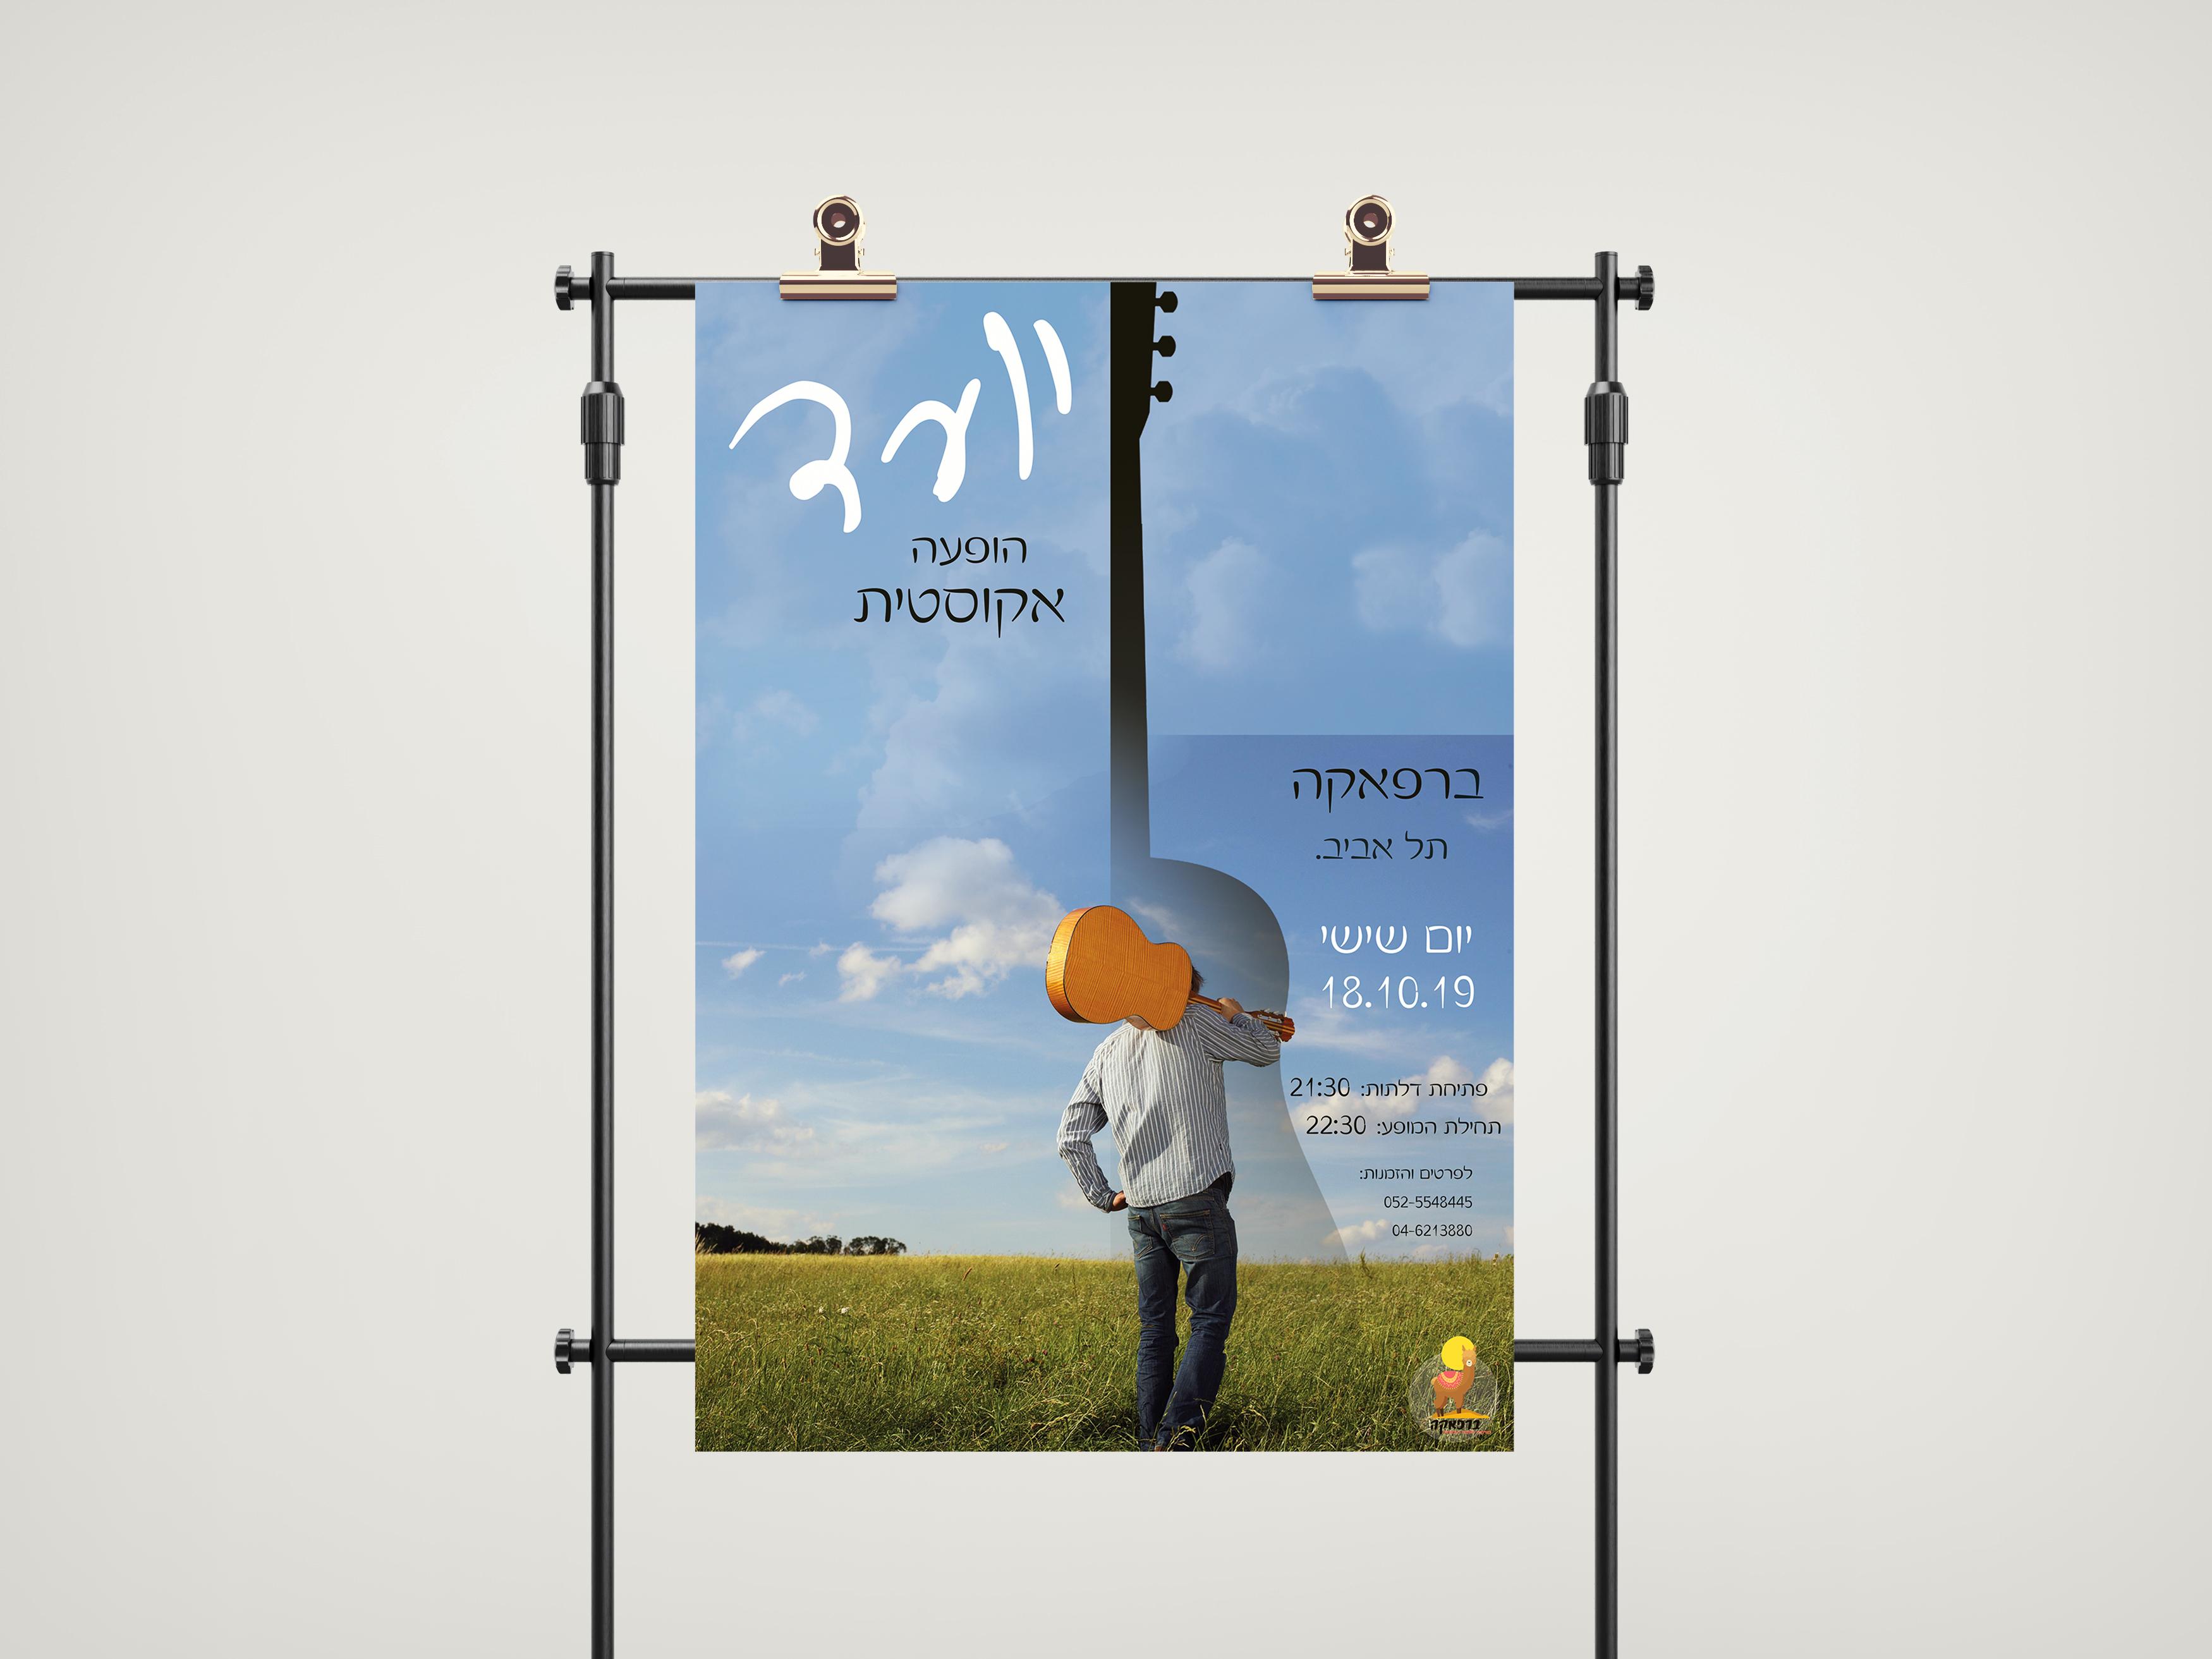 עיצוב פוסטר - רבקה צינמן